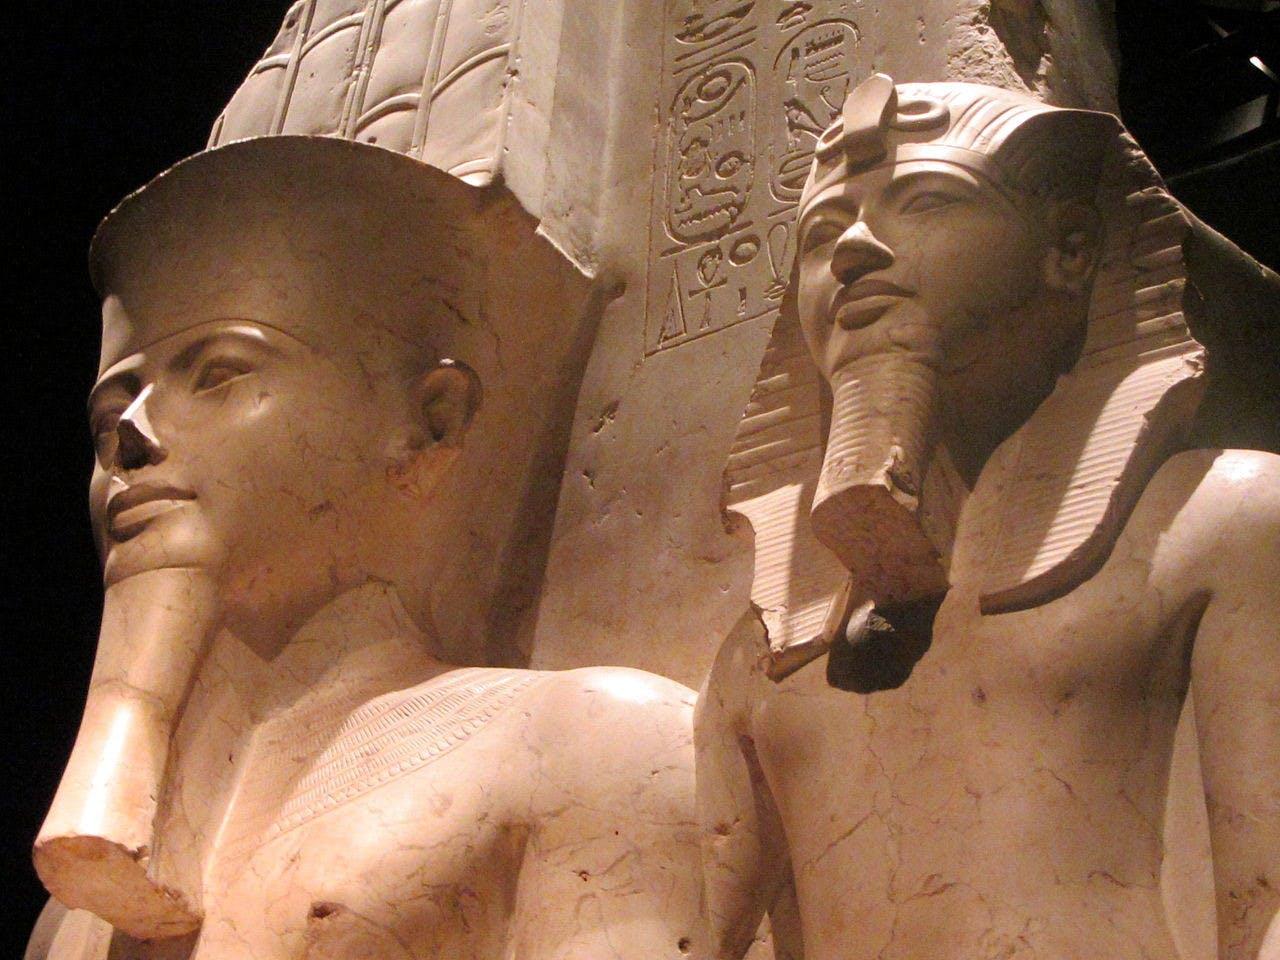 1280px-01_particolare_Stata_faraoni, _Museo_Egizio_Torino.jpg-_